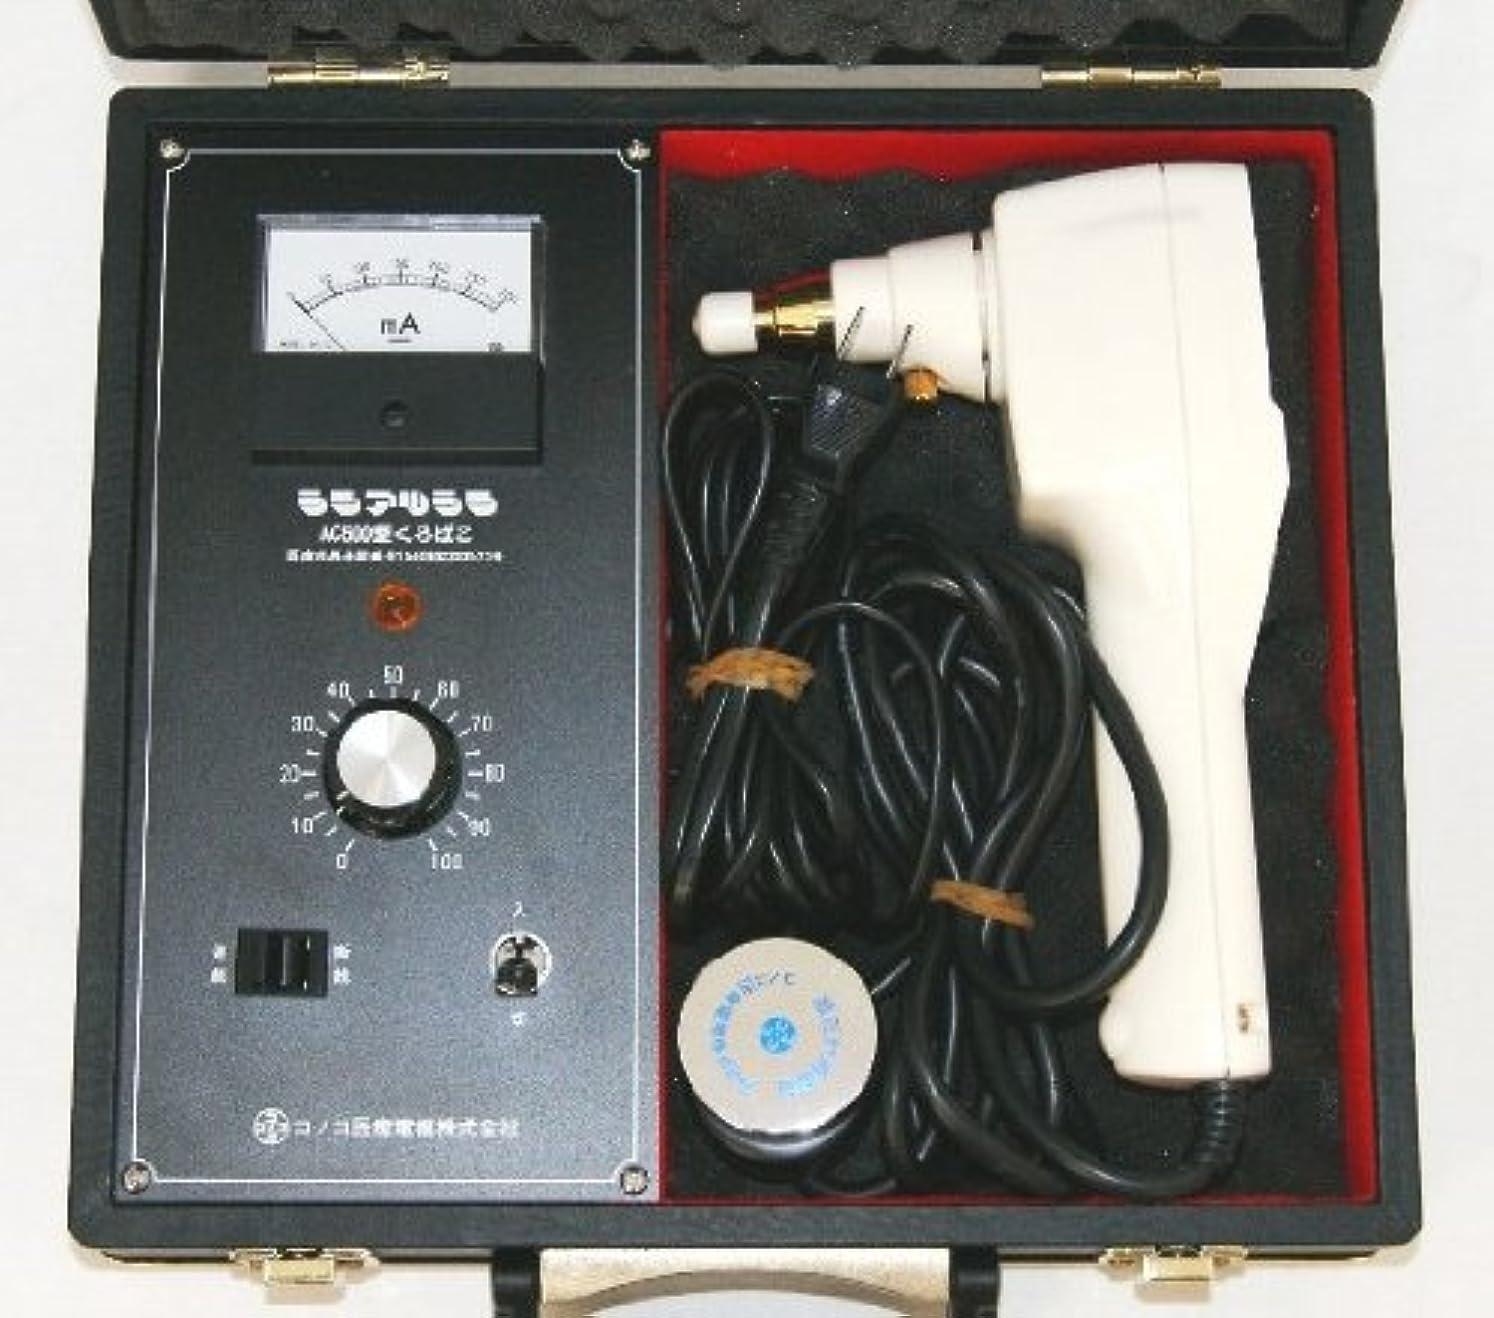 スクラップ分離半導体コノコ医療電機 シンアツシンAC500型 (振圧針/AC-500型くろばこ) 家庭用電気マッサージ器